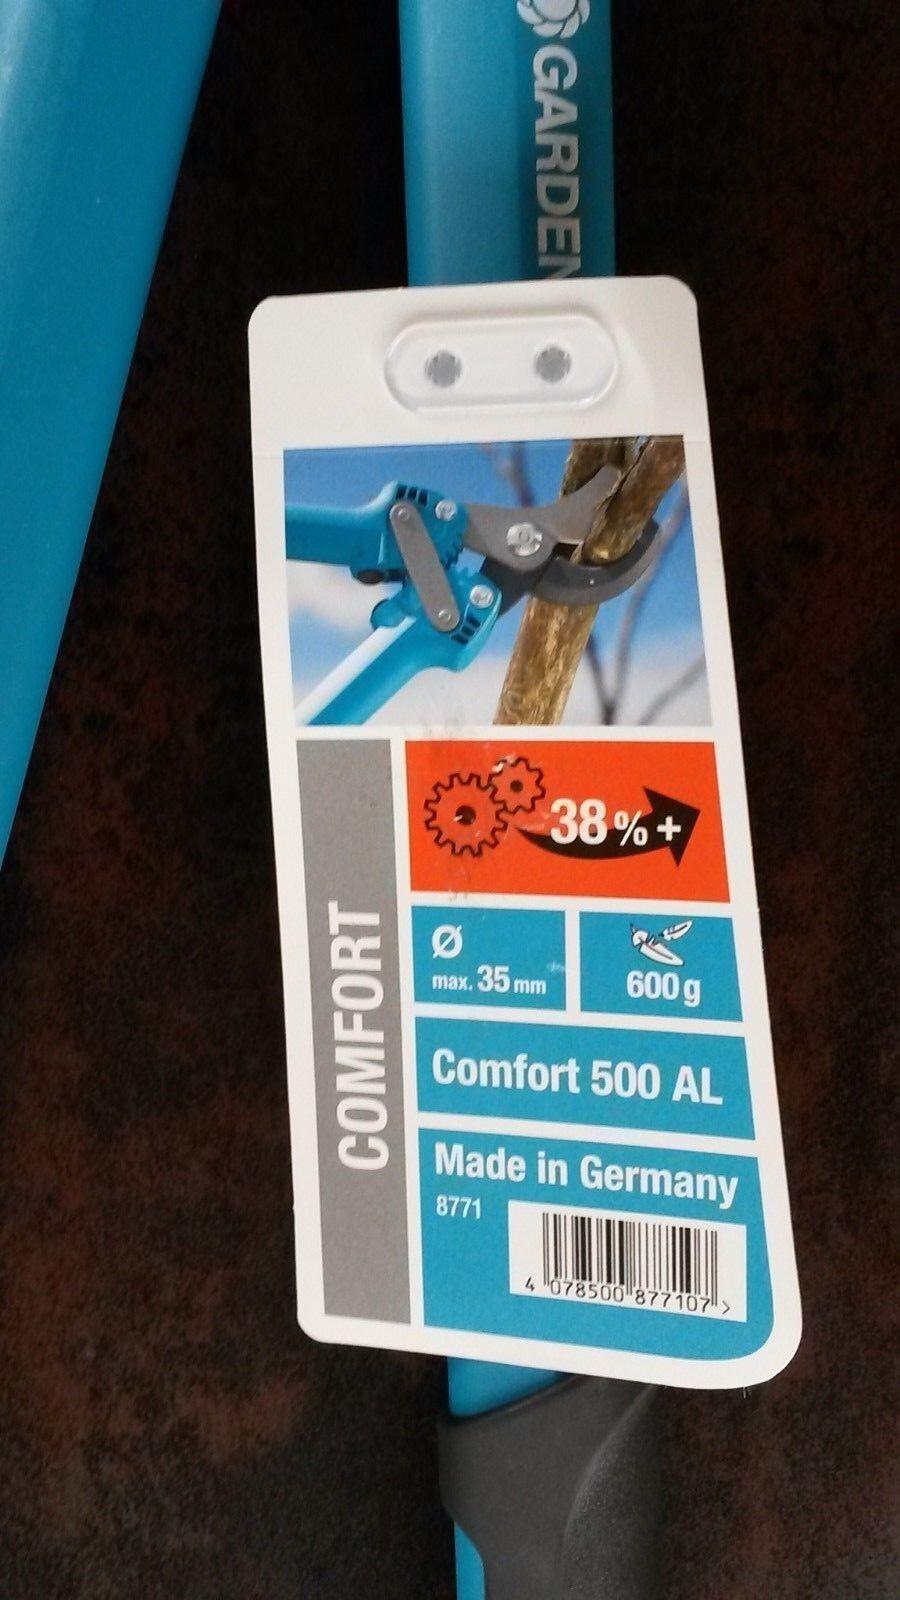 GARDENA 8771 Astschere Comfort 500 AL max. Ø 35 mm, 600 g Baumpflege